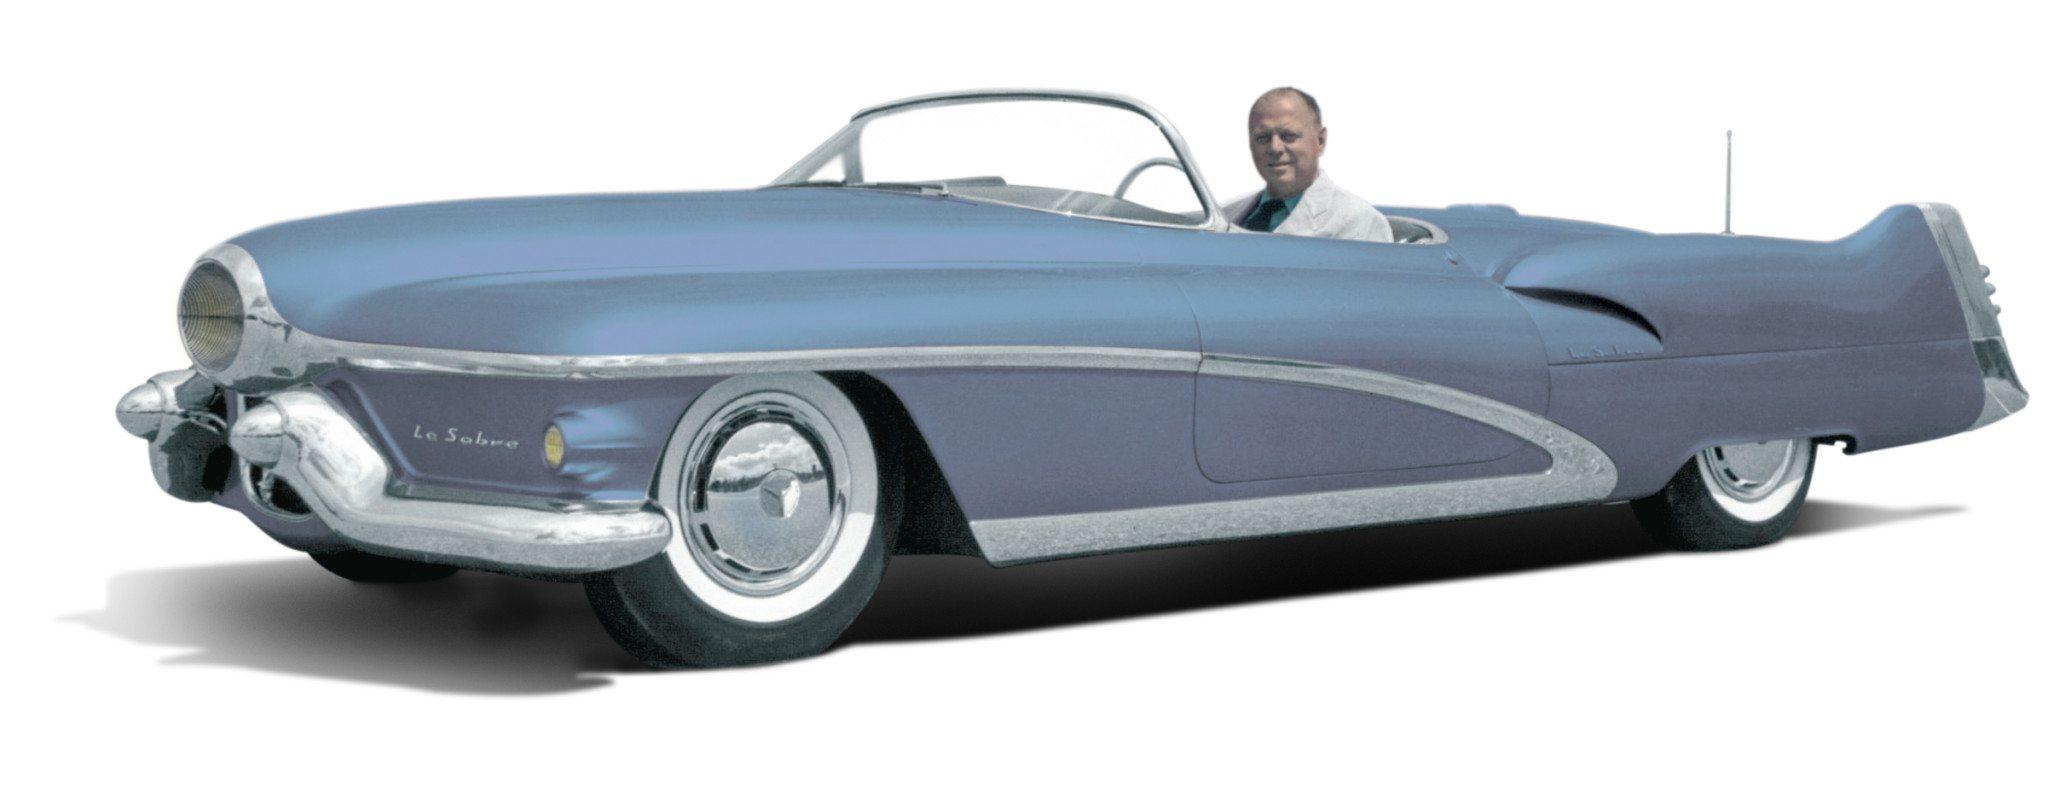 1951 LeSabre